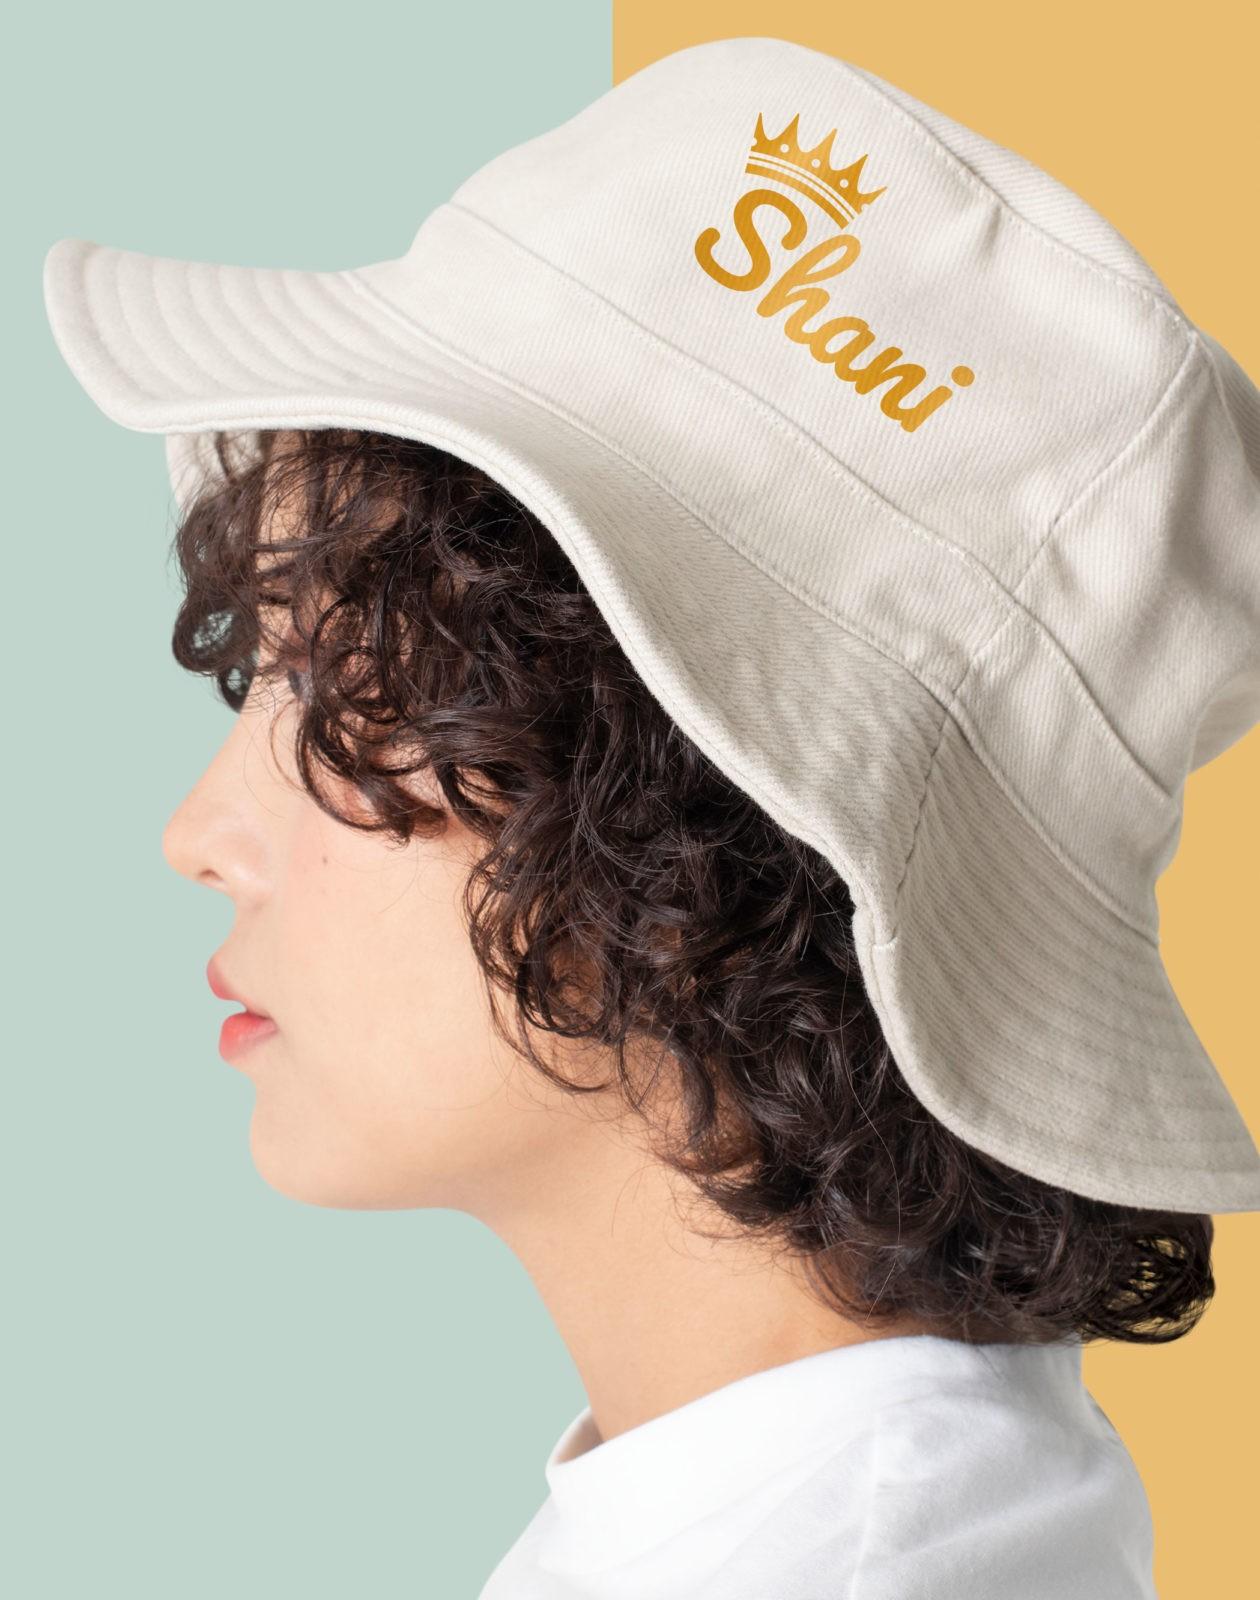 כובע טמבל למסיבת רווקות